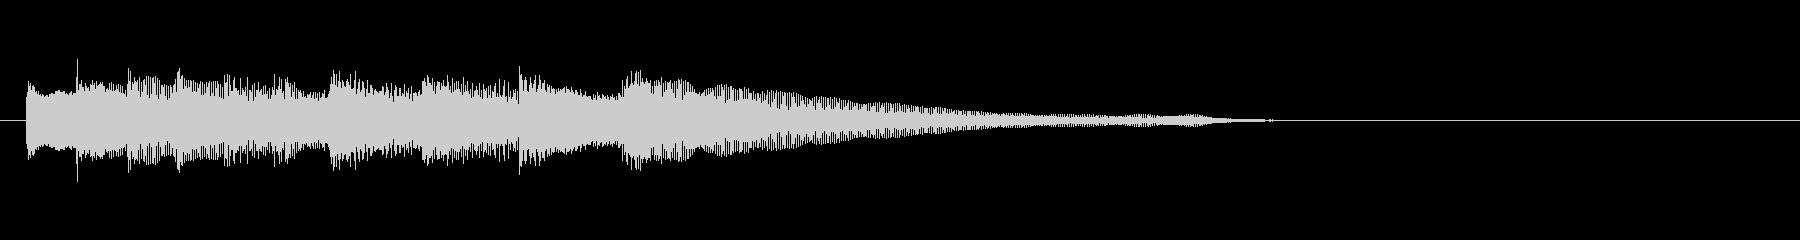 アイキャッチ・メッセージ音なフレーズの未再生の波形